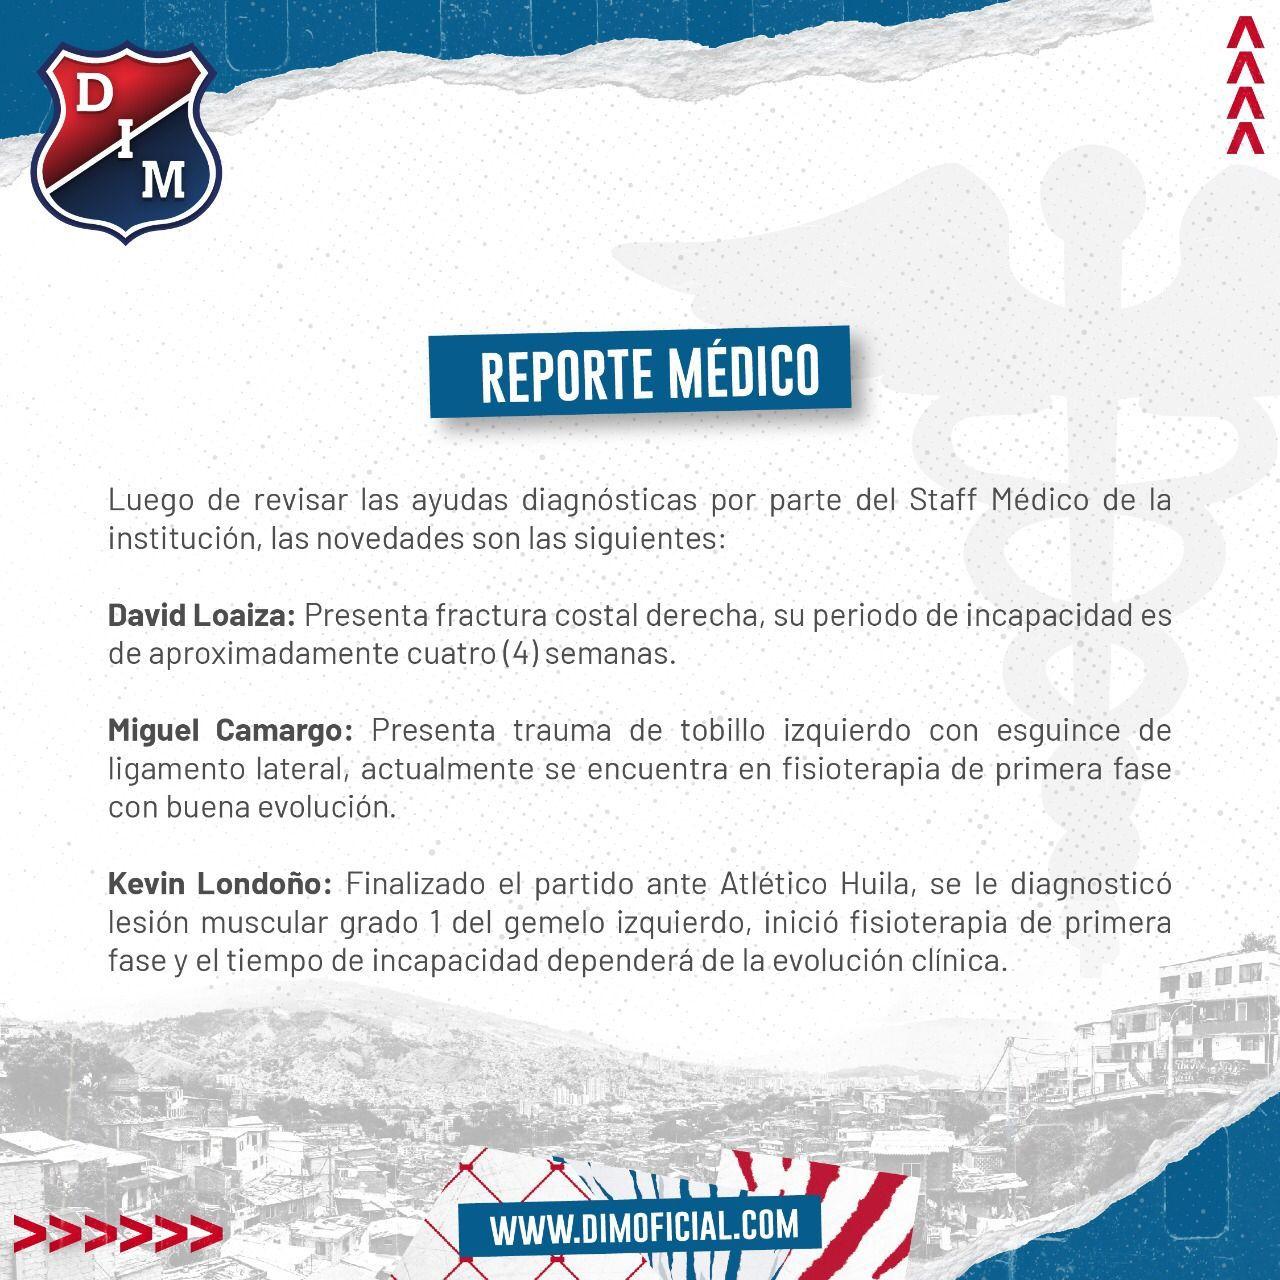 Independiente Medellin dio a conocer reporte medico